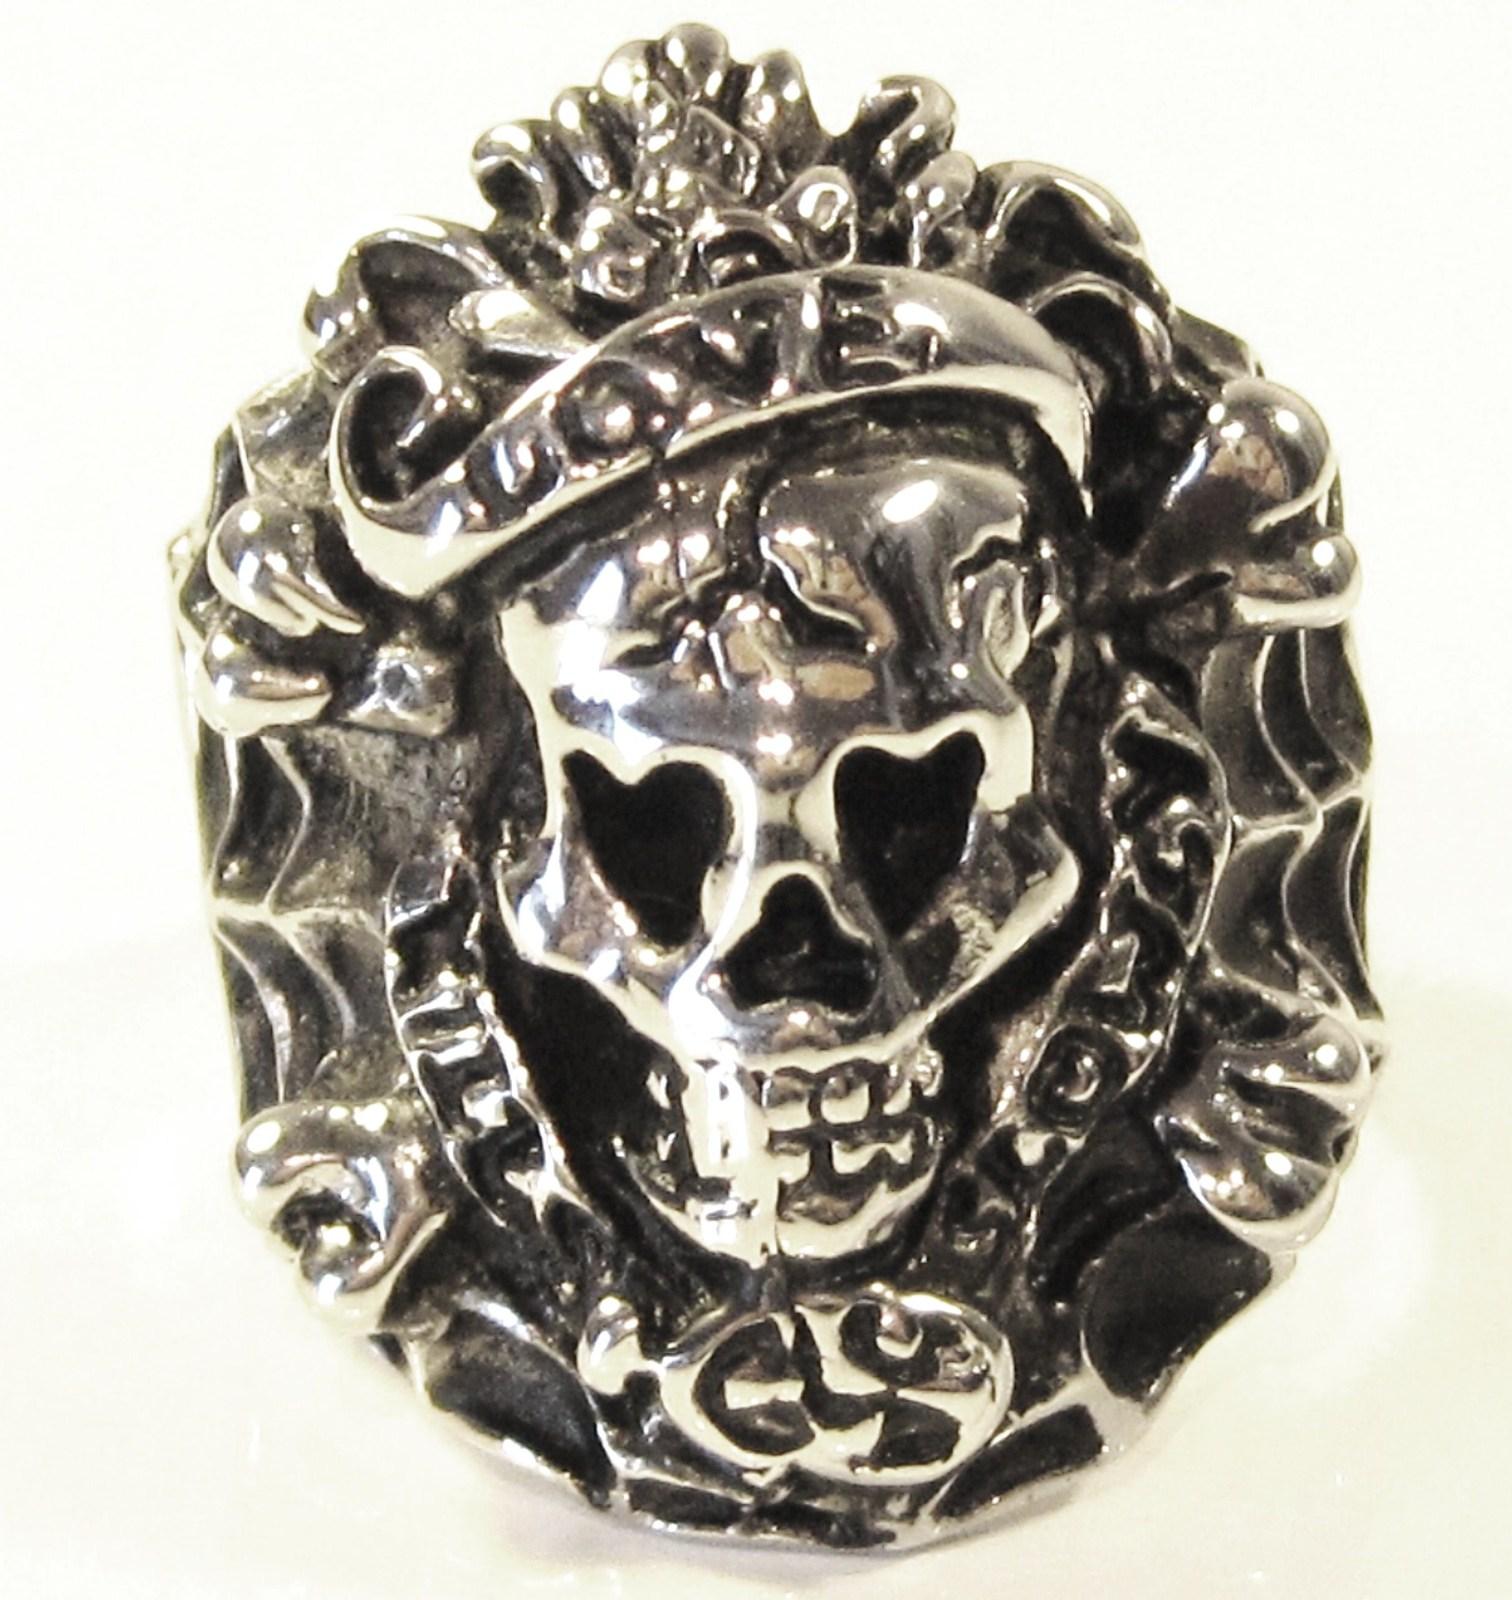 SSR7000 Love Kills Slowly Chunky Skull Stainless Steel Ring